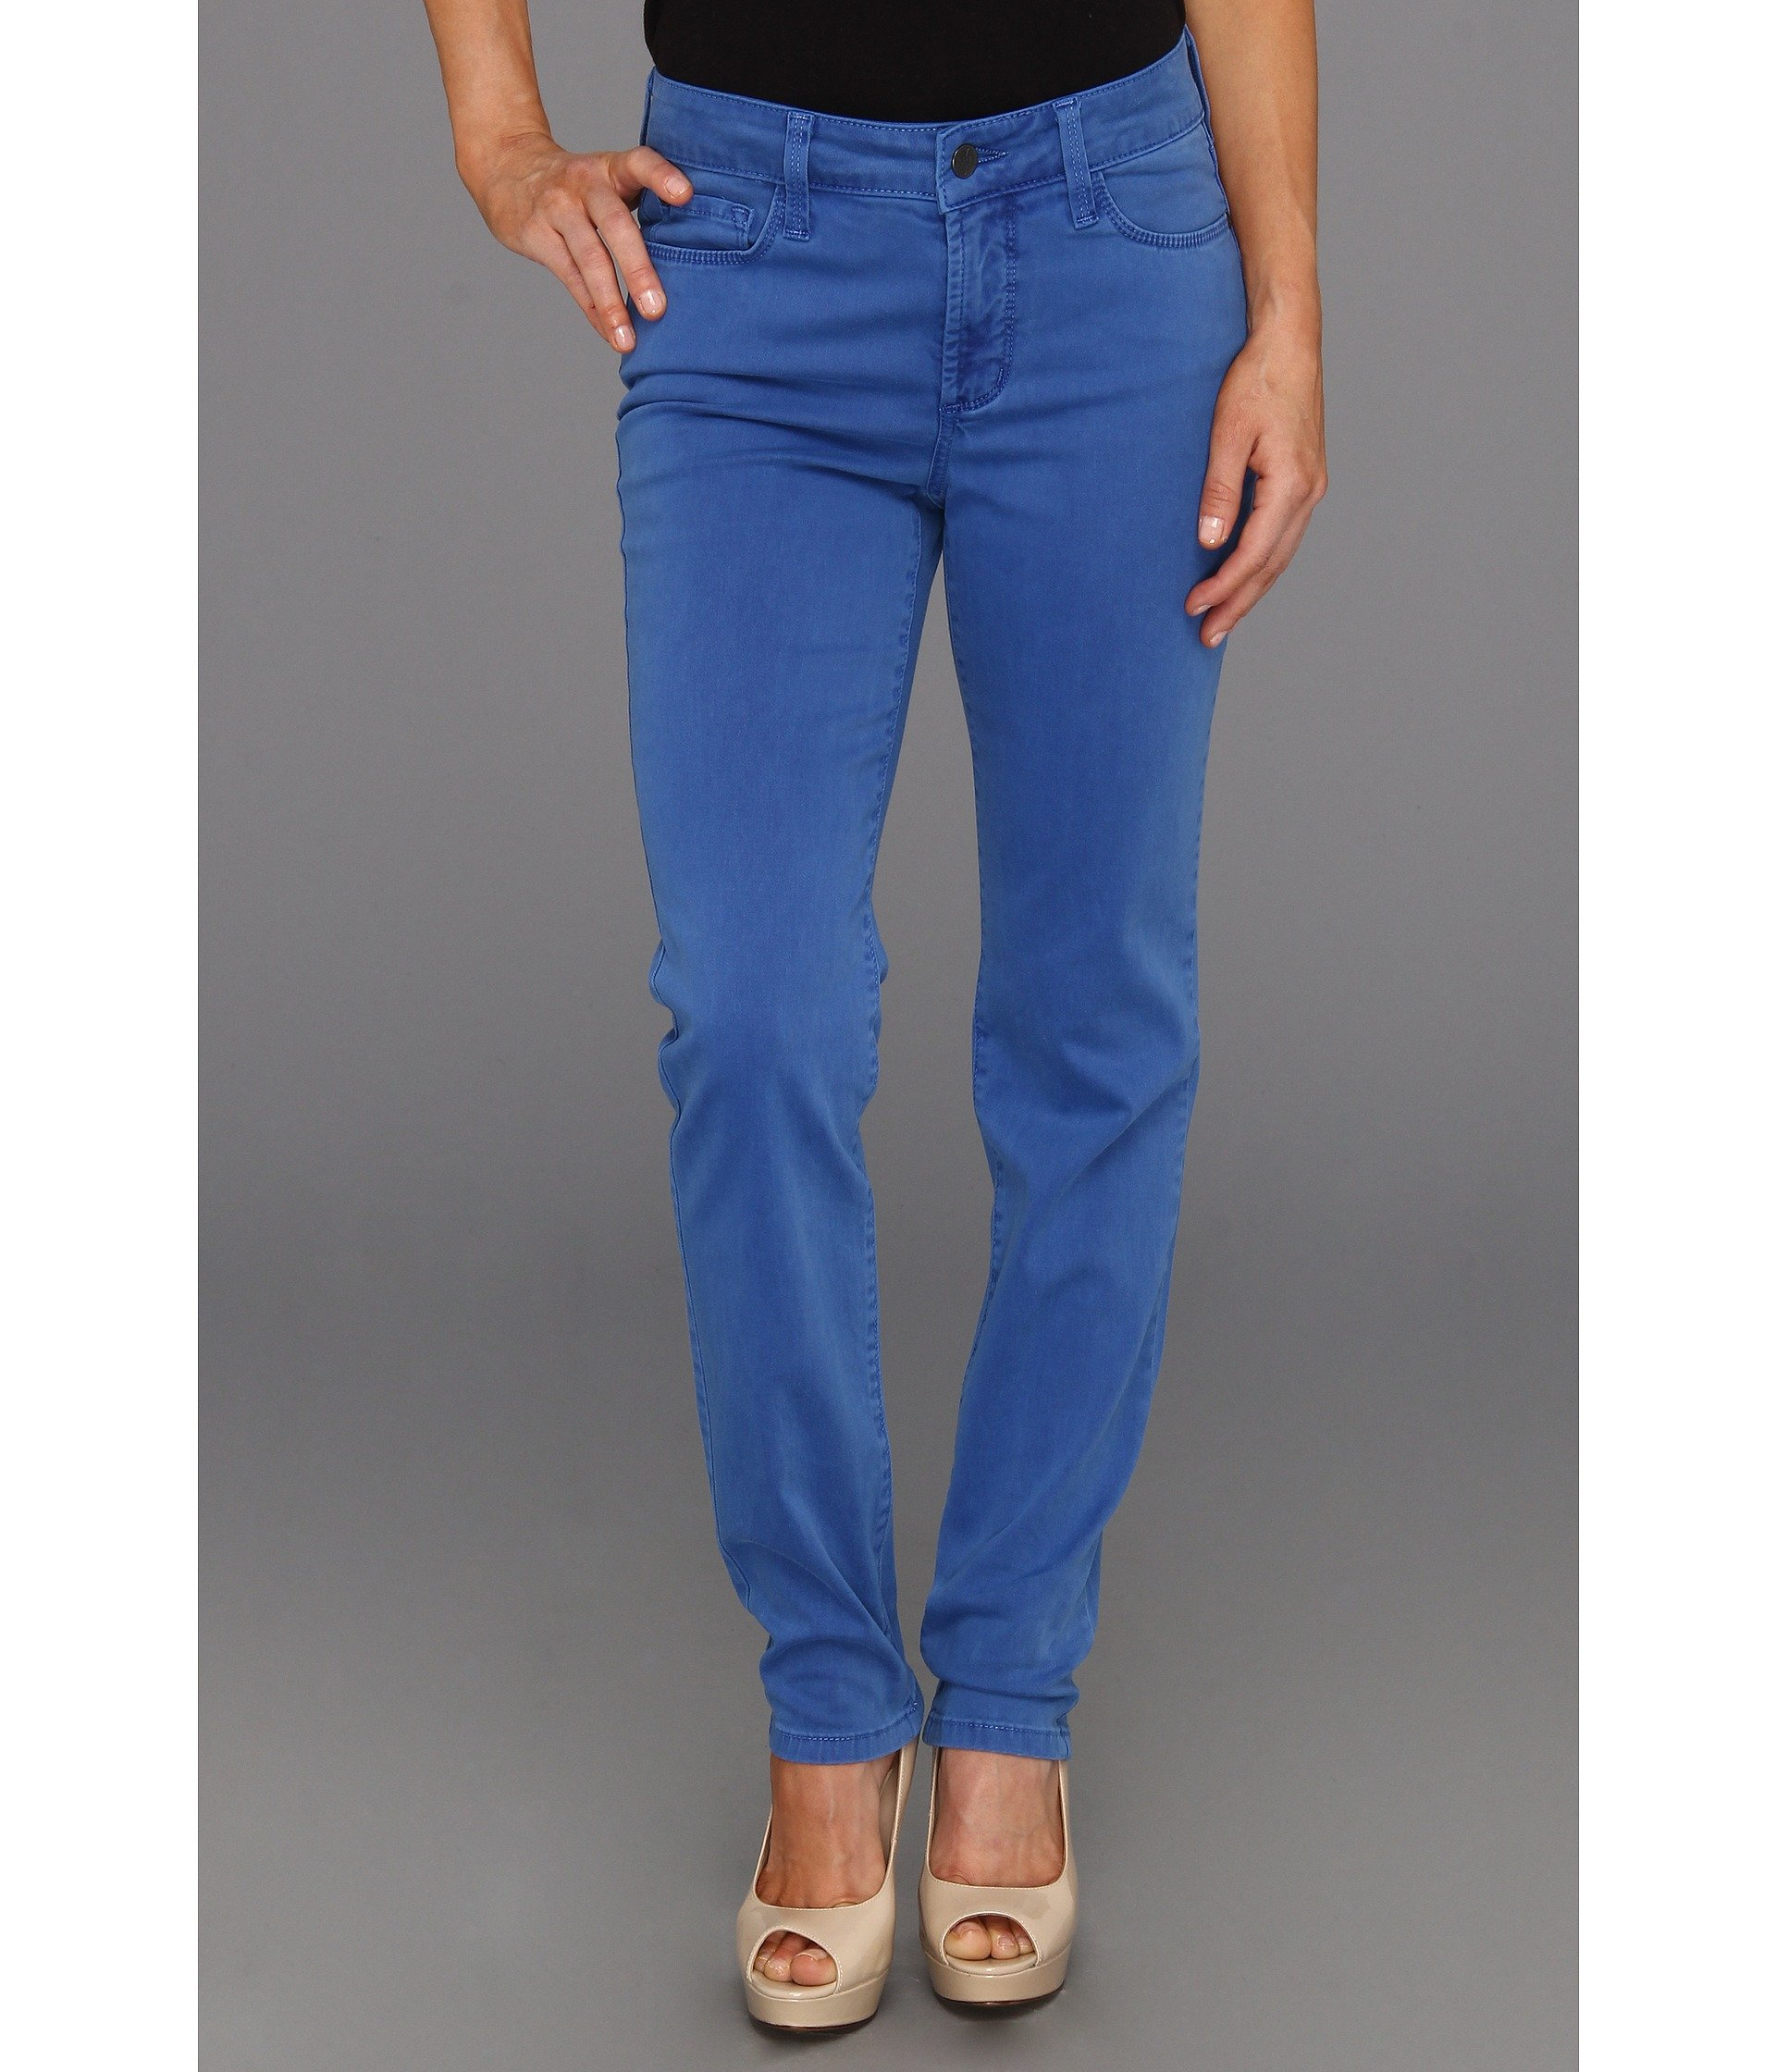 NYDJ Sheri Skinny Washed Fine Line Twill Princess Blue Jean Womens 10P